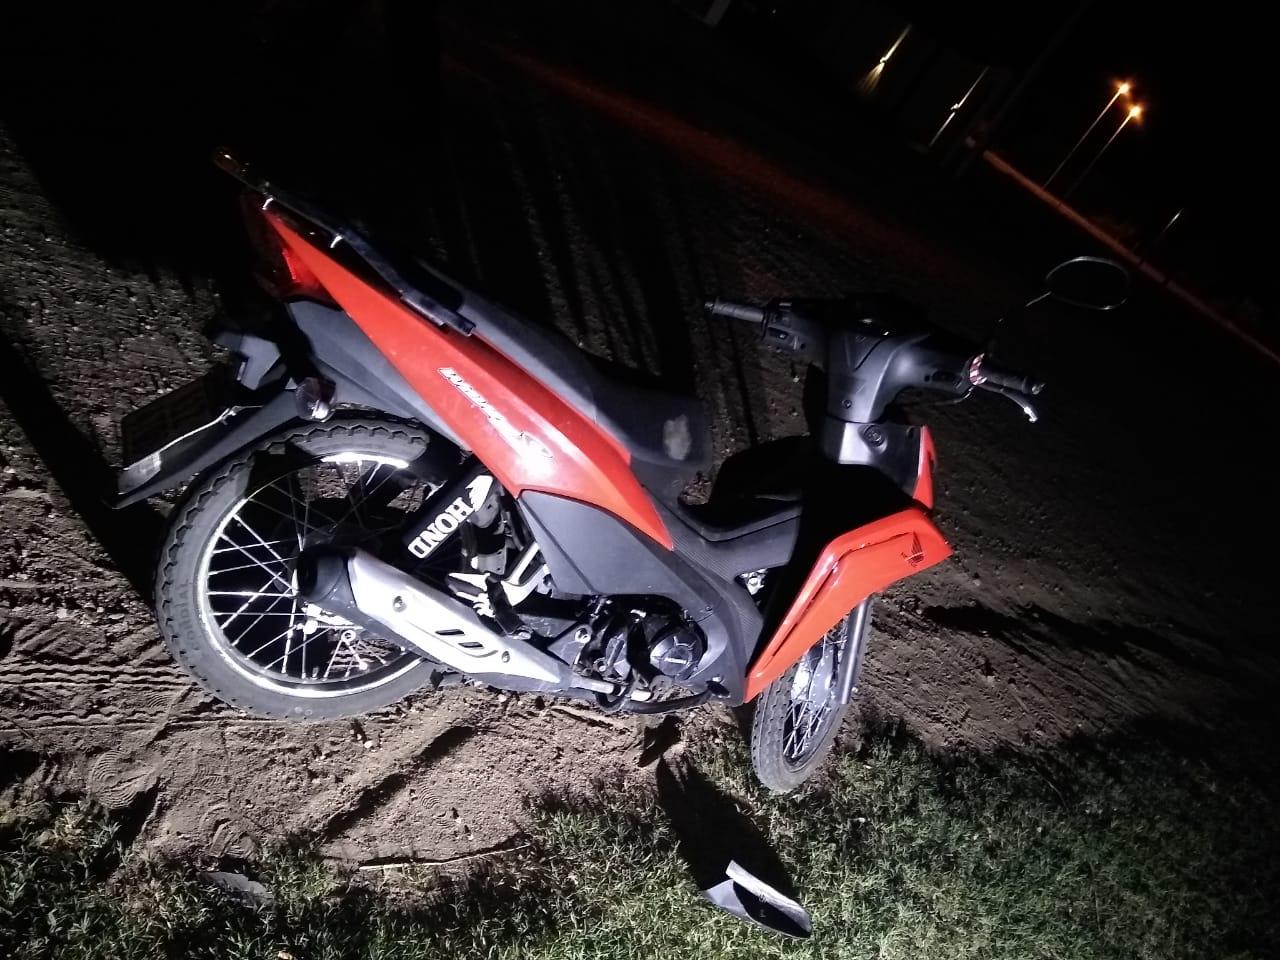 Motociclista perdió el control, cayó y fue trasladado al hospital en horas de la madrugada